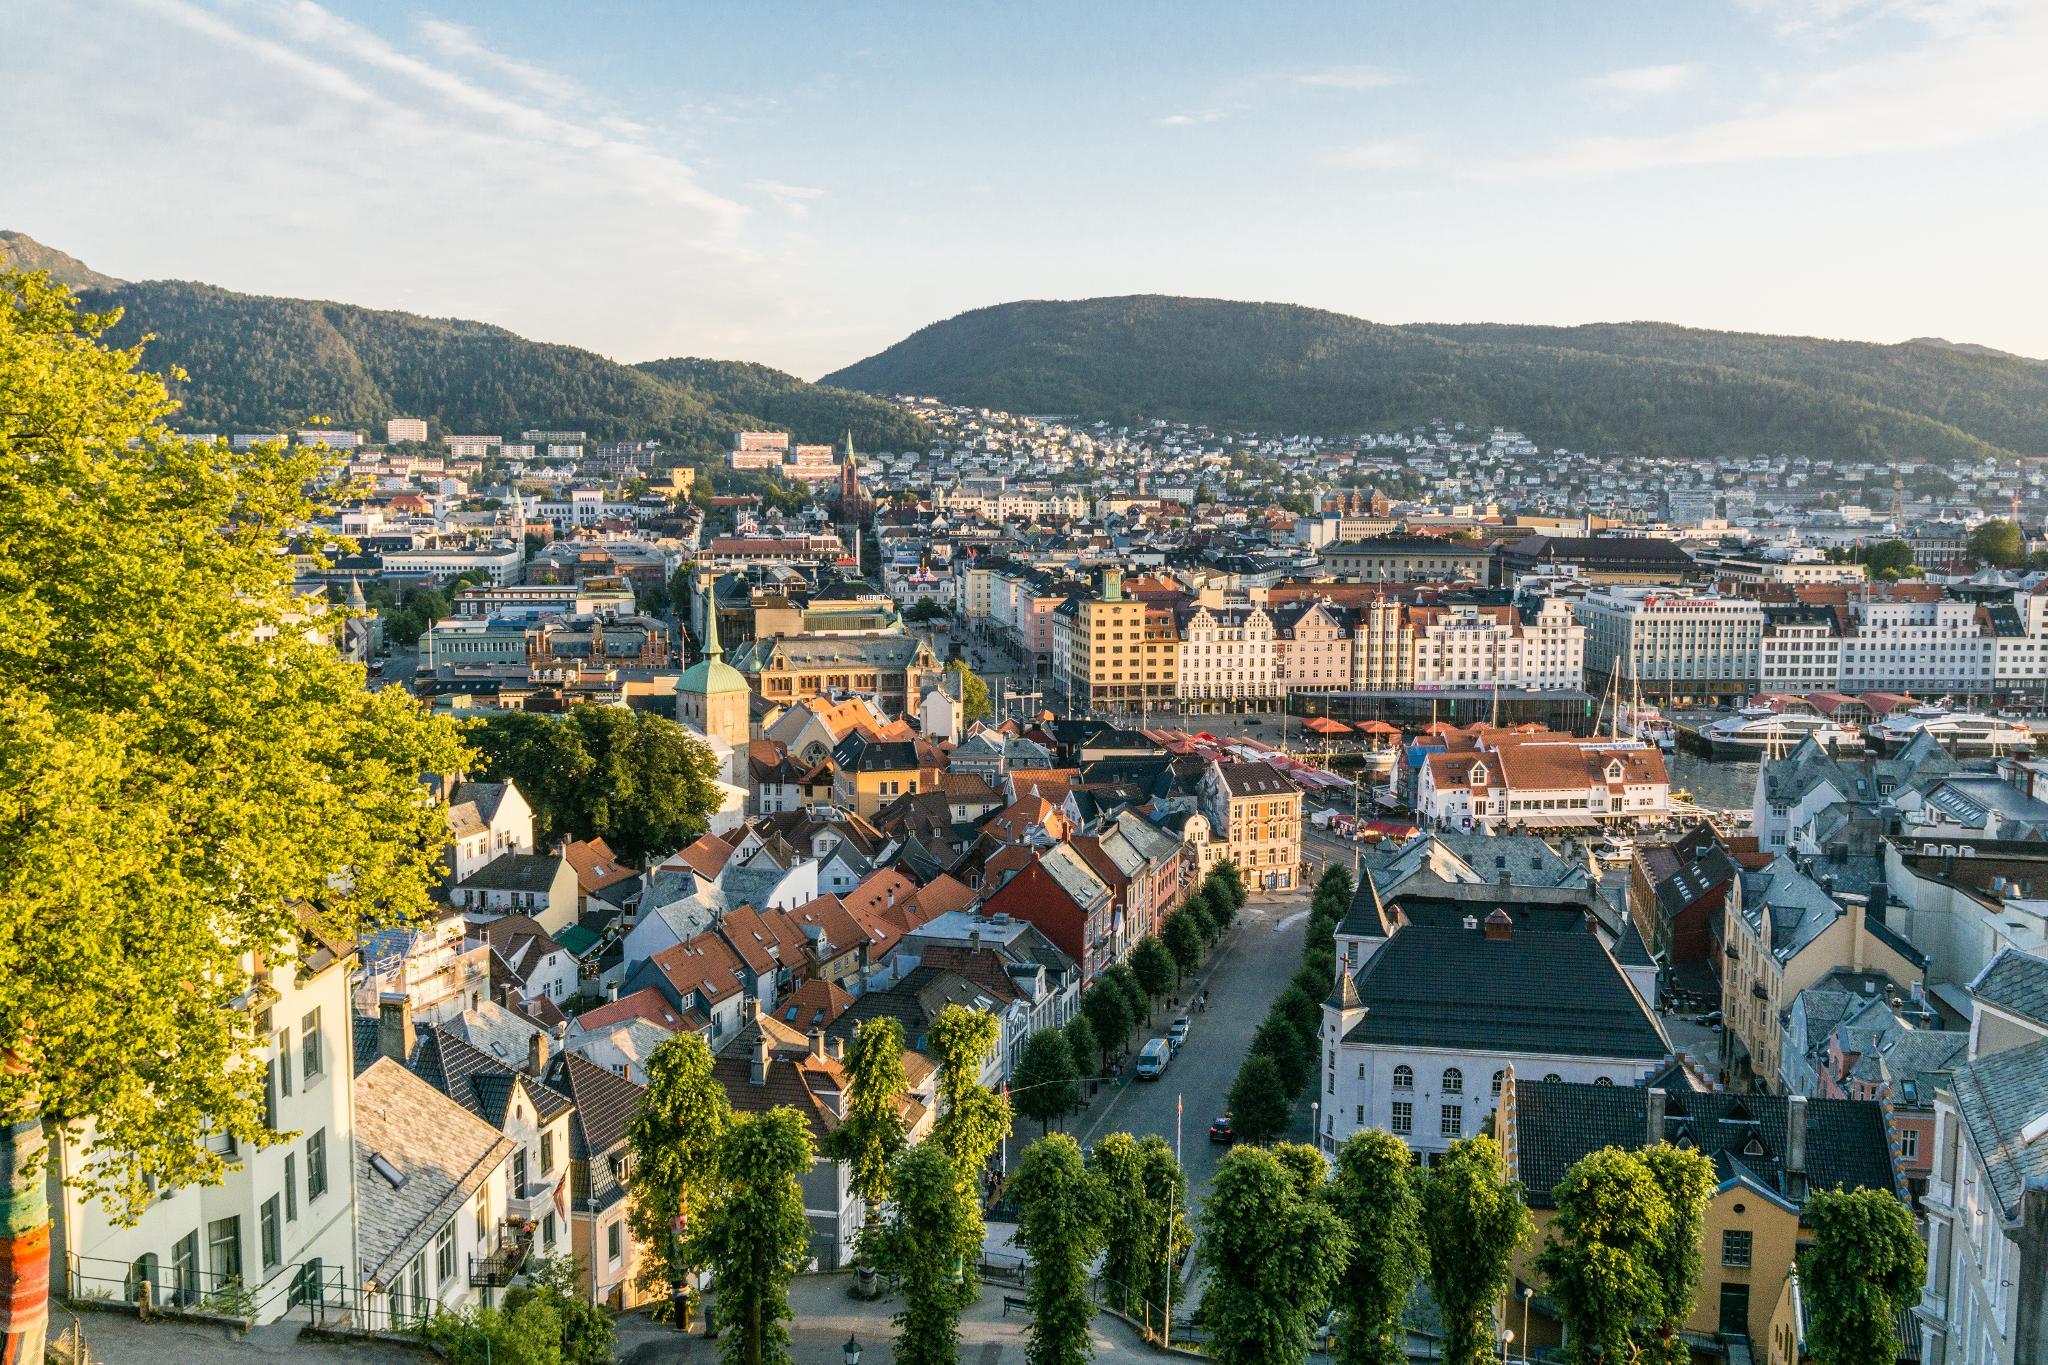 【卑爾根】Fløyen 佛洛伊恩山纜車與觀景台 — 擁抱文化港都的百萬美景 107